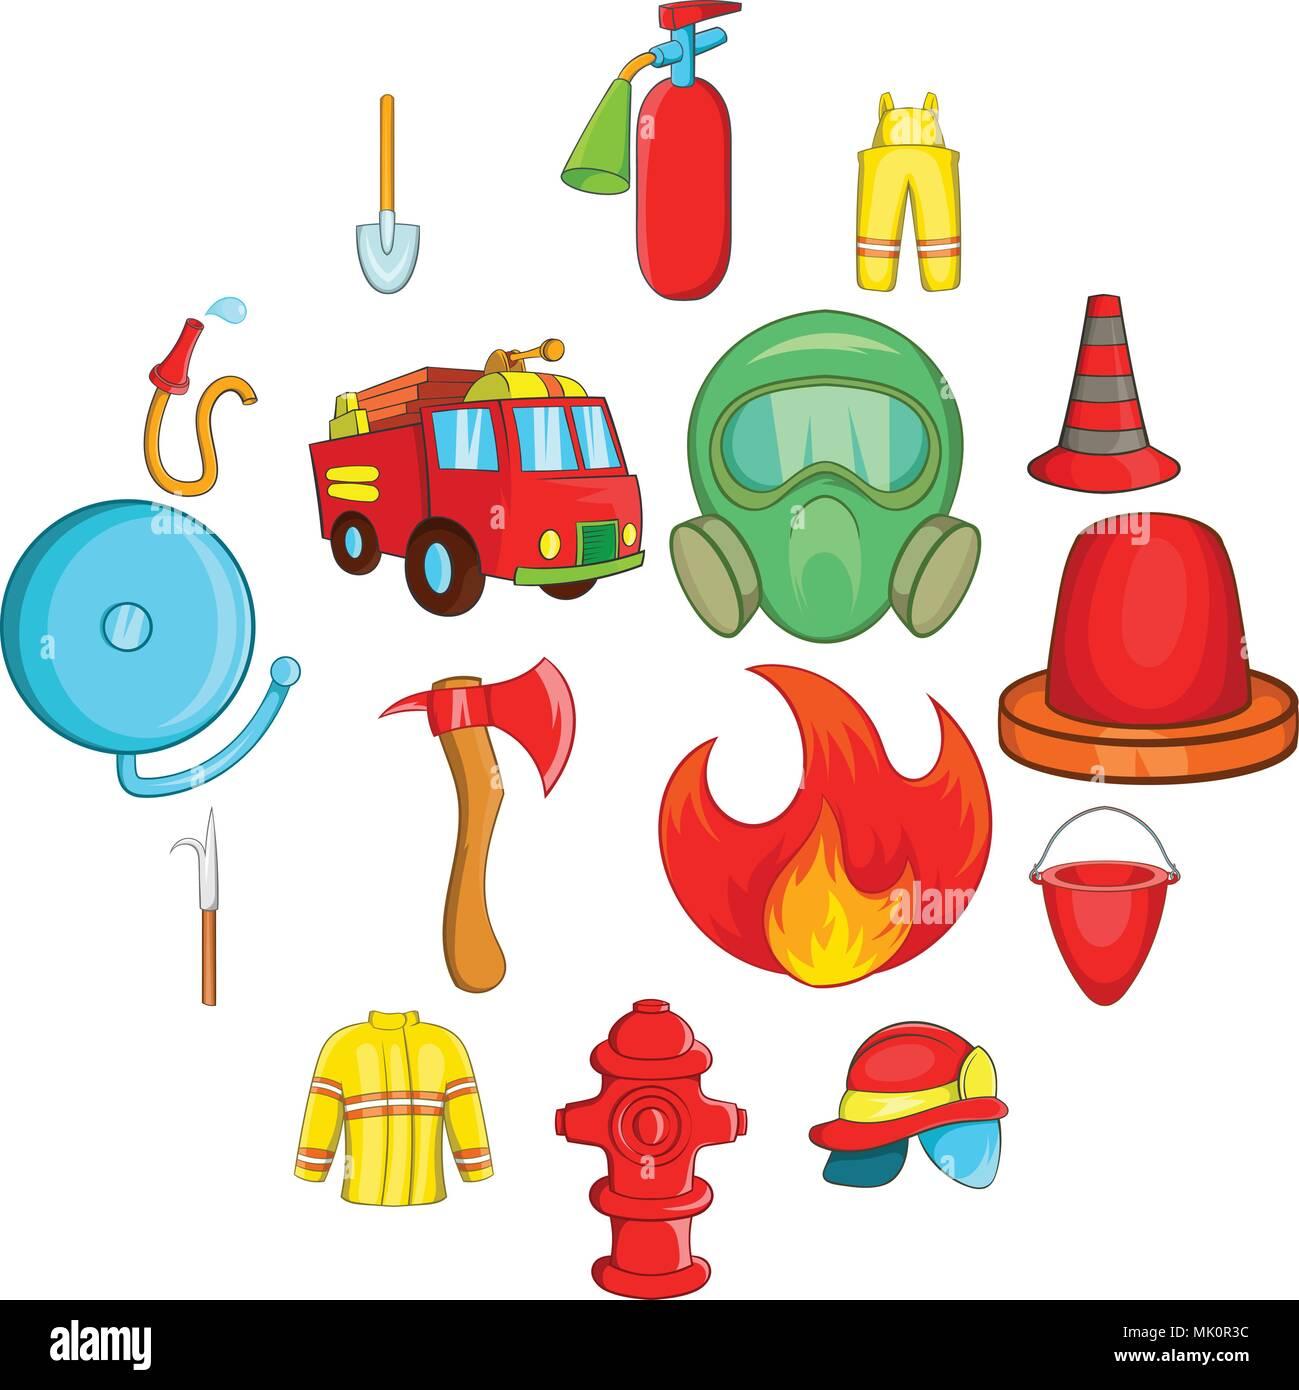 Iconos De Bombero Estilo De Dibujos Animados Ilustración